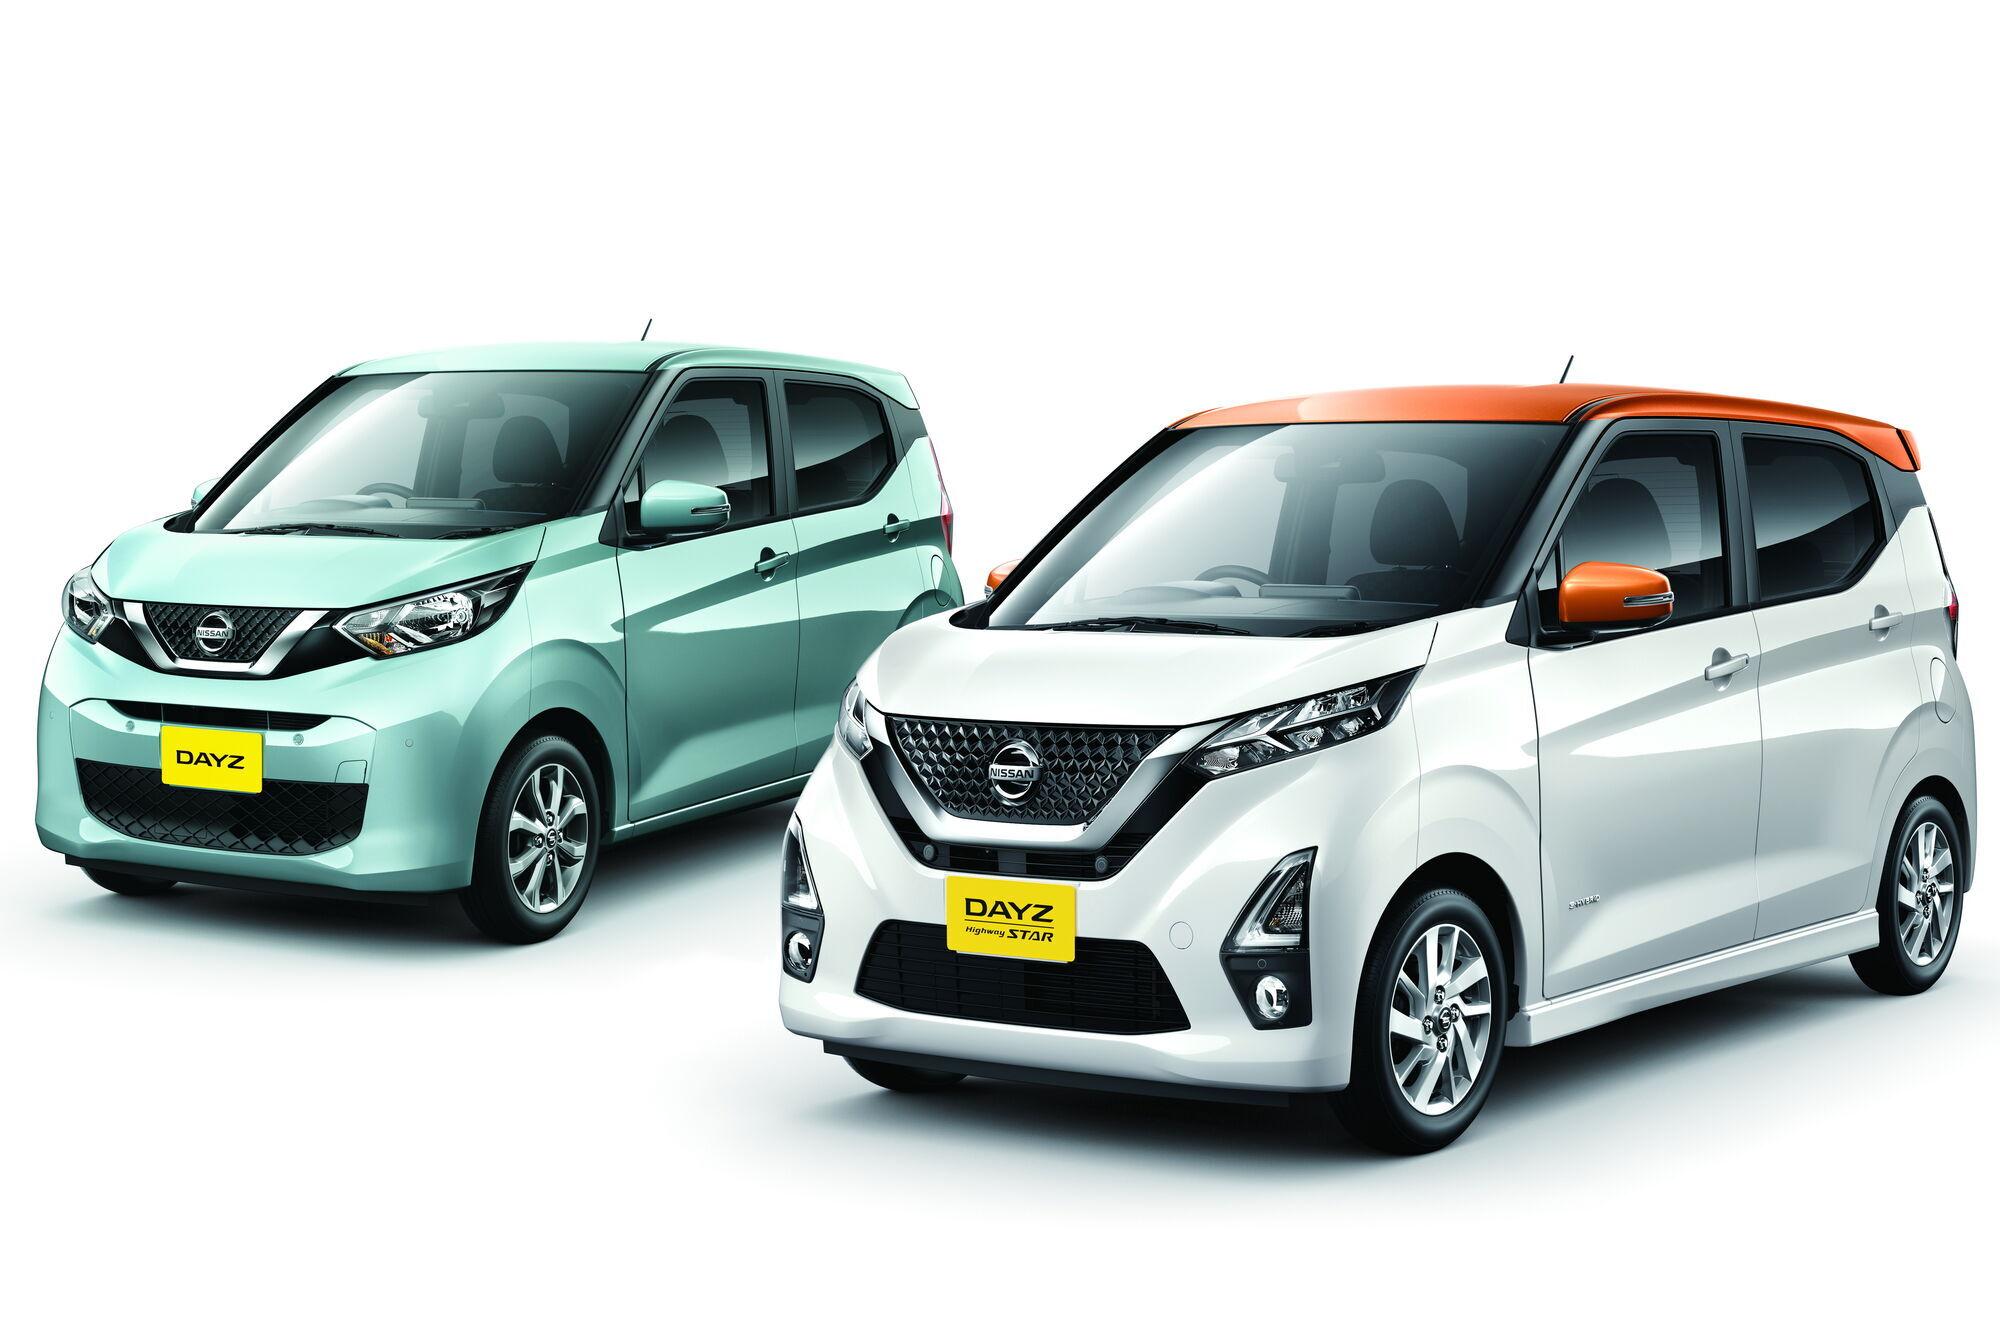 Nissan DAYZ выпускаются совместным предприятием NMKV